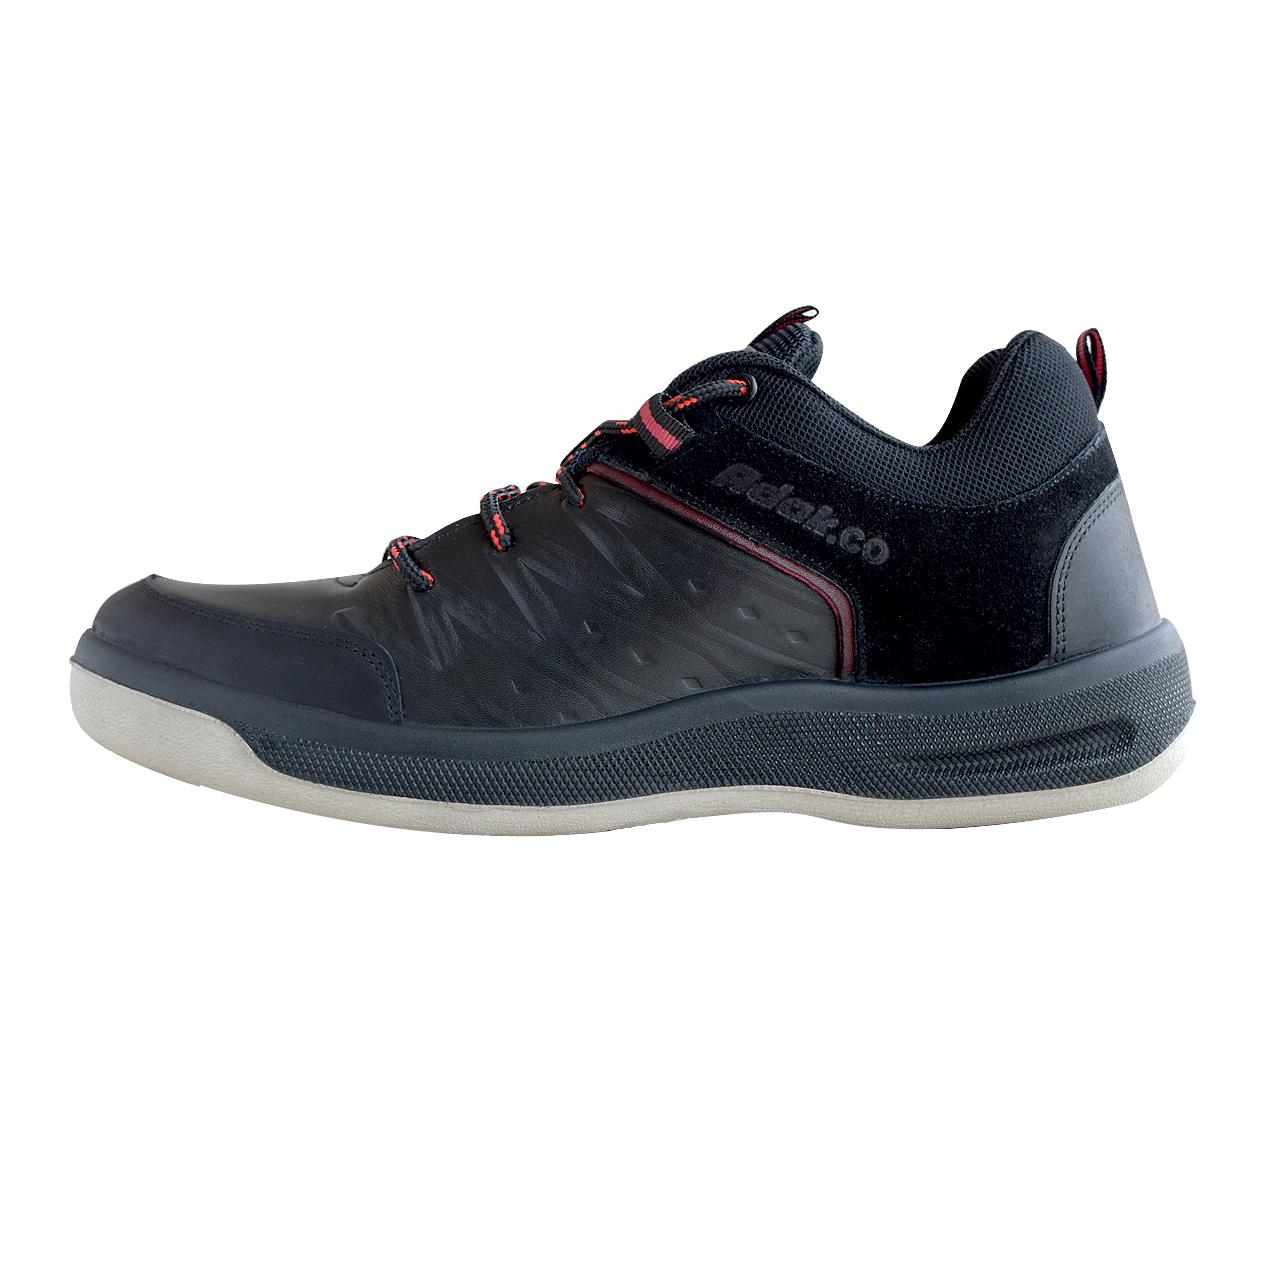 کفش مخصوص پیاده روی مردانه آداک مدل اولترا کد 302 رنگ مشکی